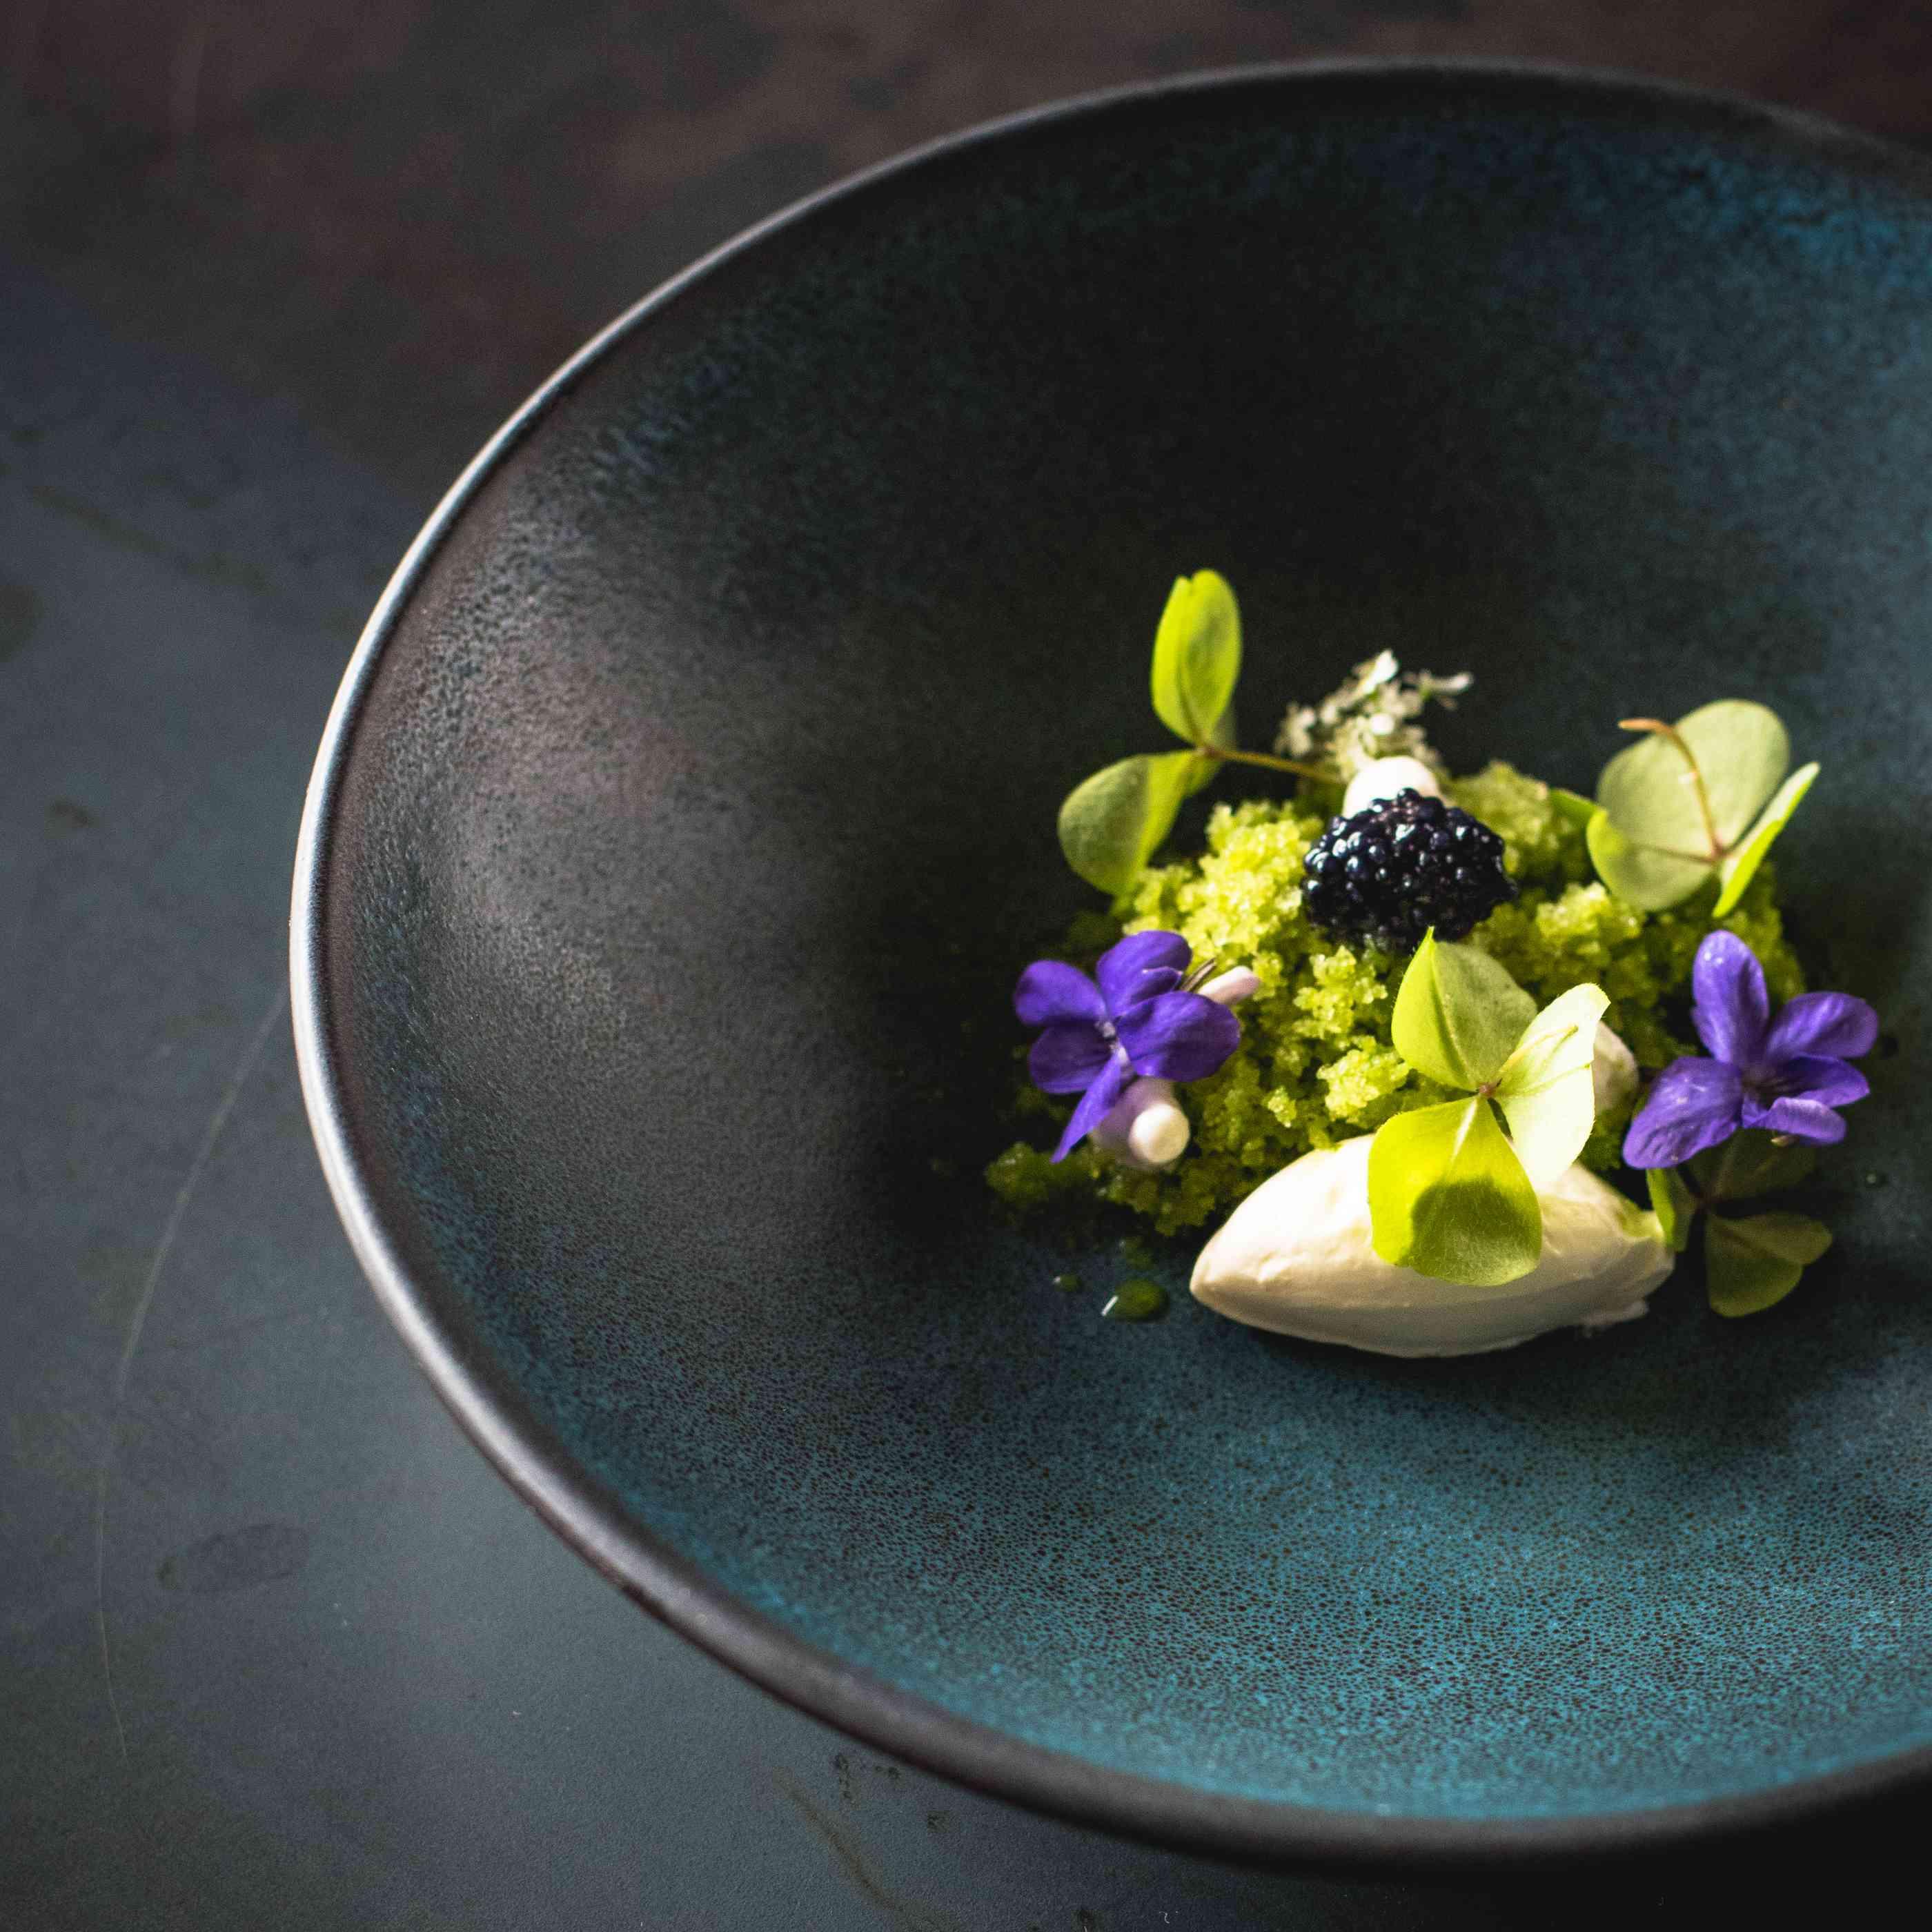 flores y comida en un plato azul moderno